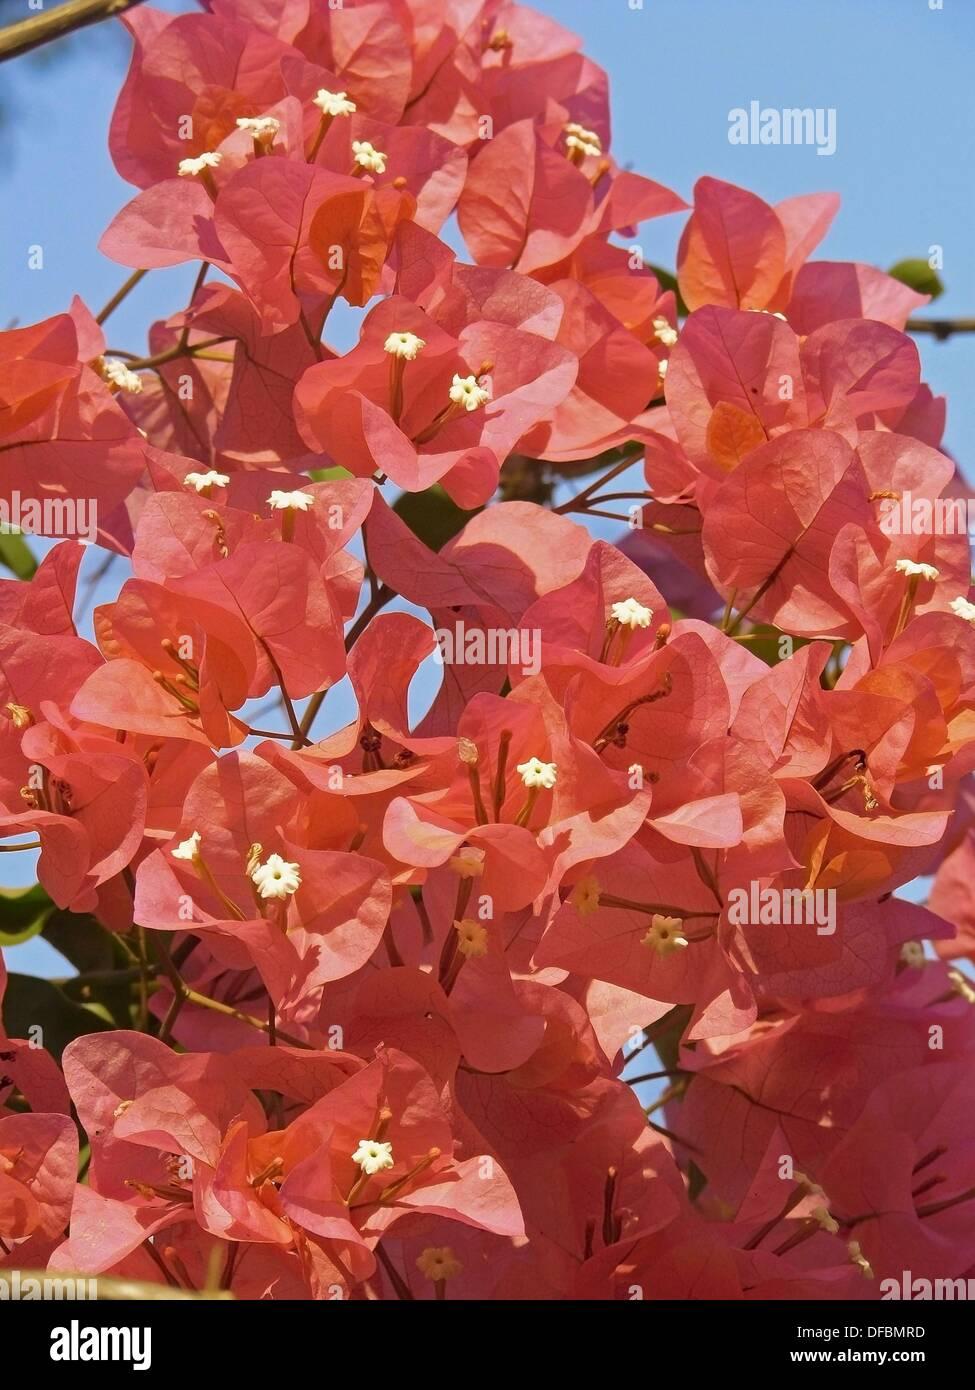 Lesser Bougainvillea (Bougainvillea glabra), India - Stock Image